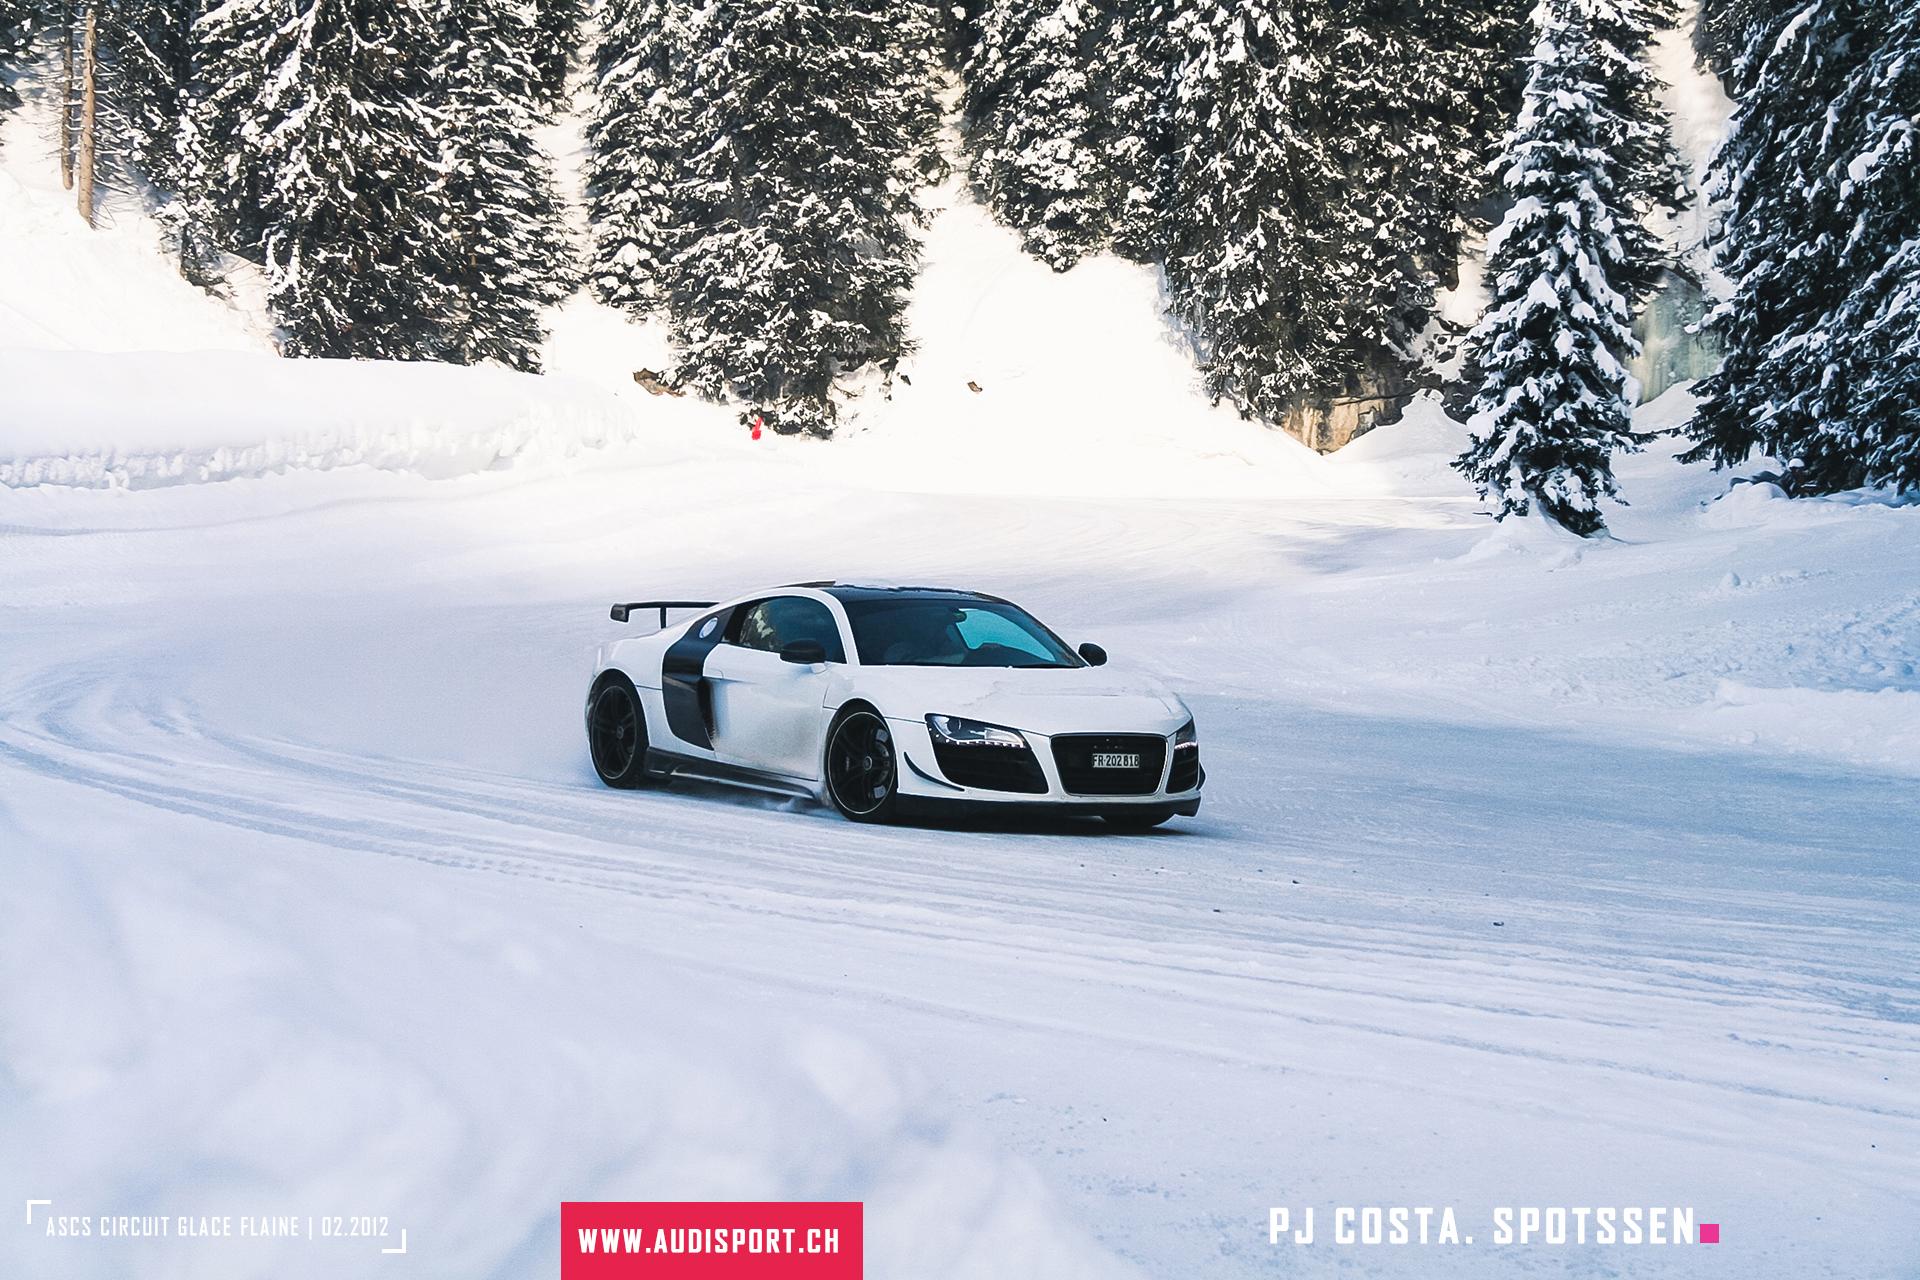 2012, ascs, audi, circuit, glace, flaine, audisport.ch, audi sport club suisse